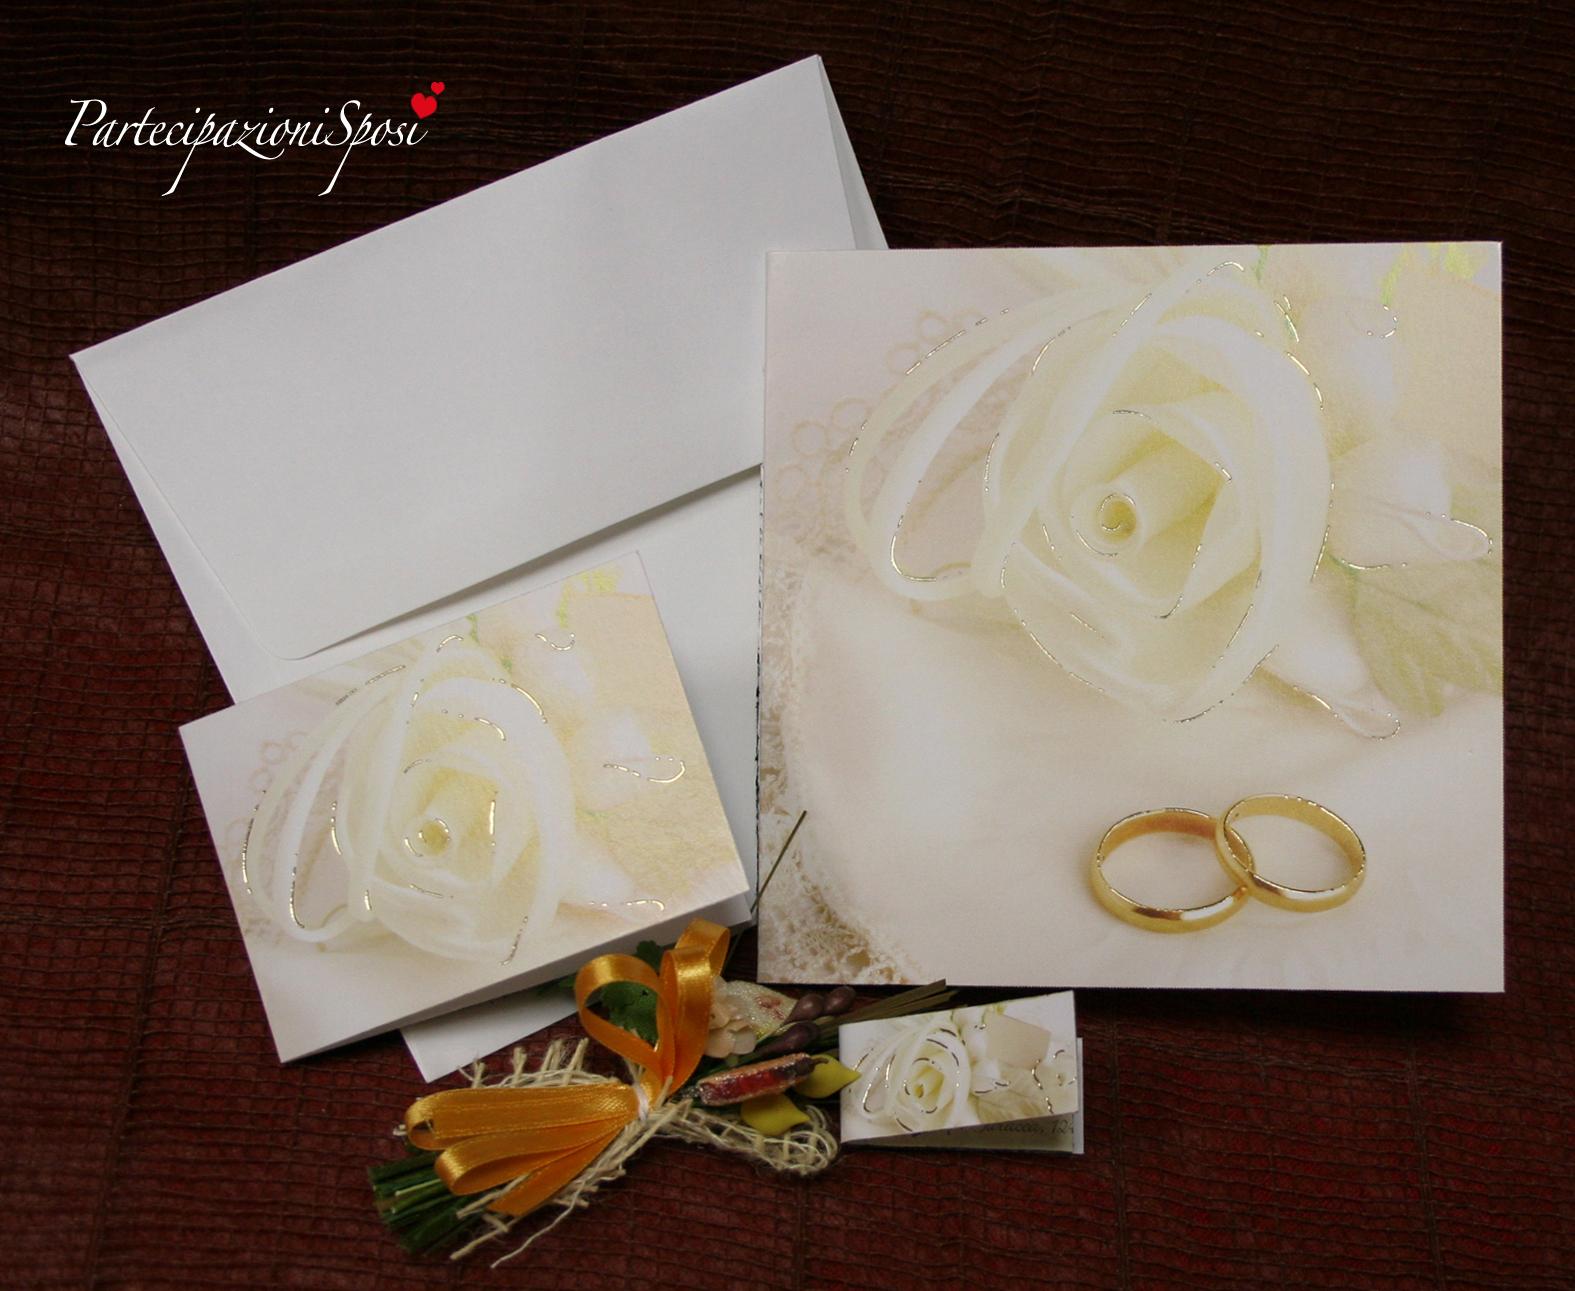 Stampa Partecipazioni Matrimonio.Partecipazioni Sposi Stampa Partecipazioni Nozze Inviti